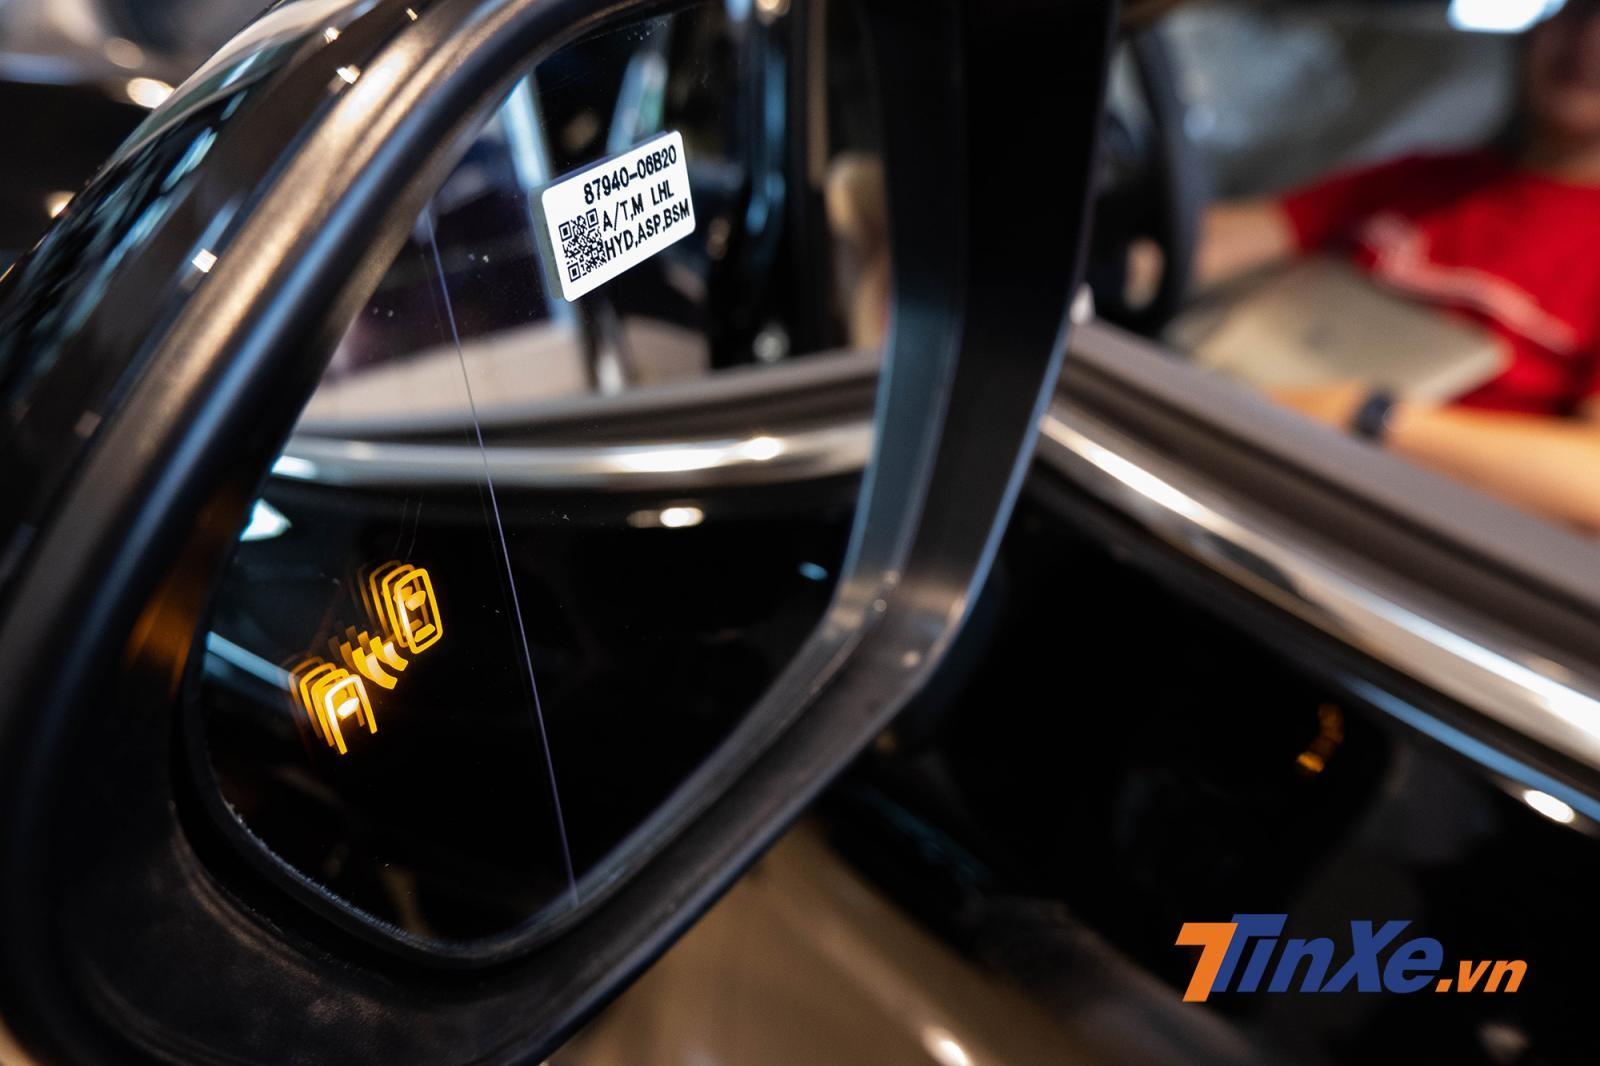 Ở thế hệ thứ 8, Toyota Camry 2019 bản 2.5Q sở hữu nhiều nâng cấp về công nghệ an toàn